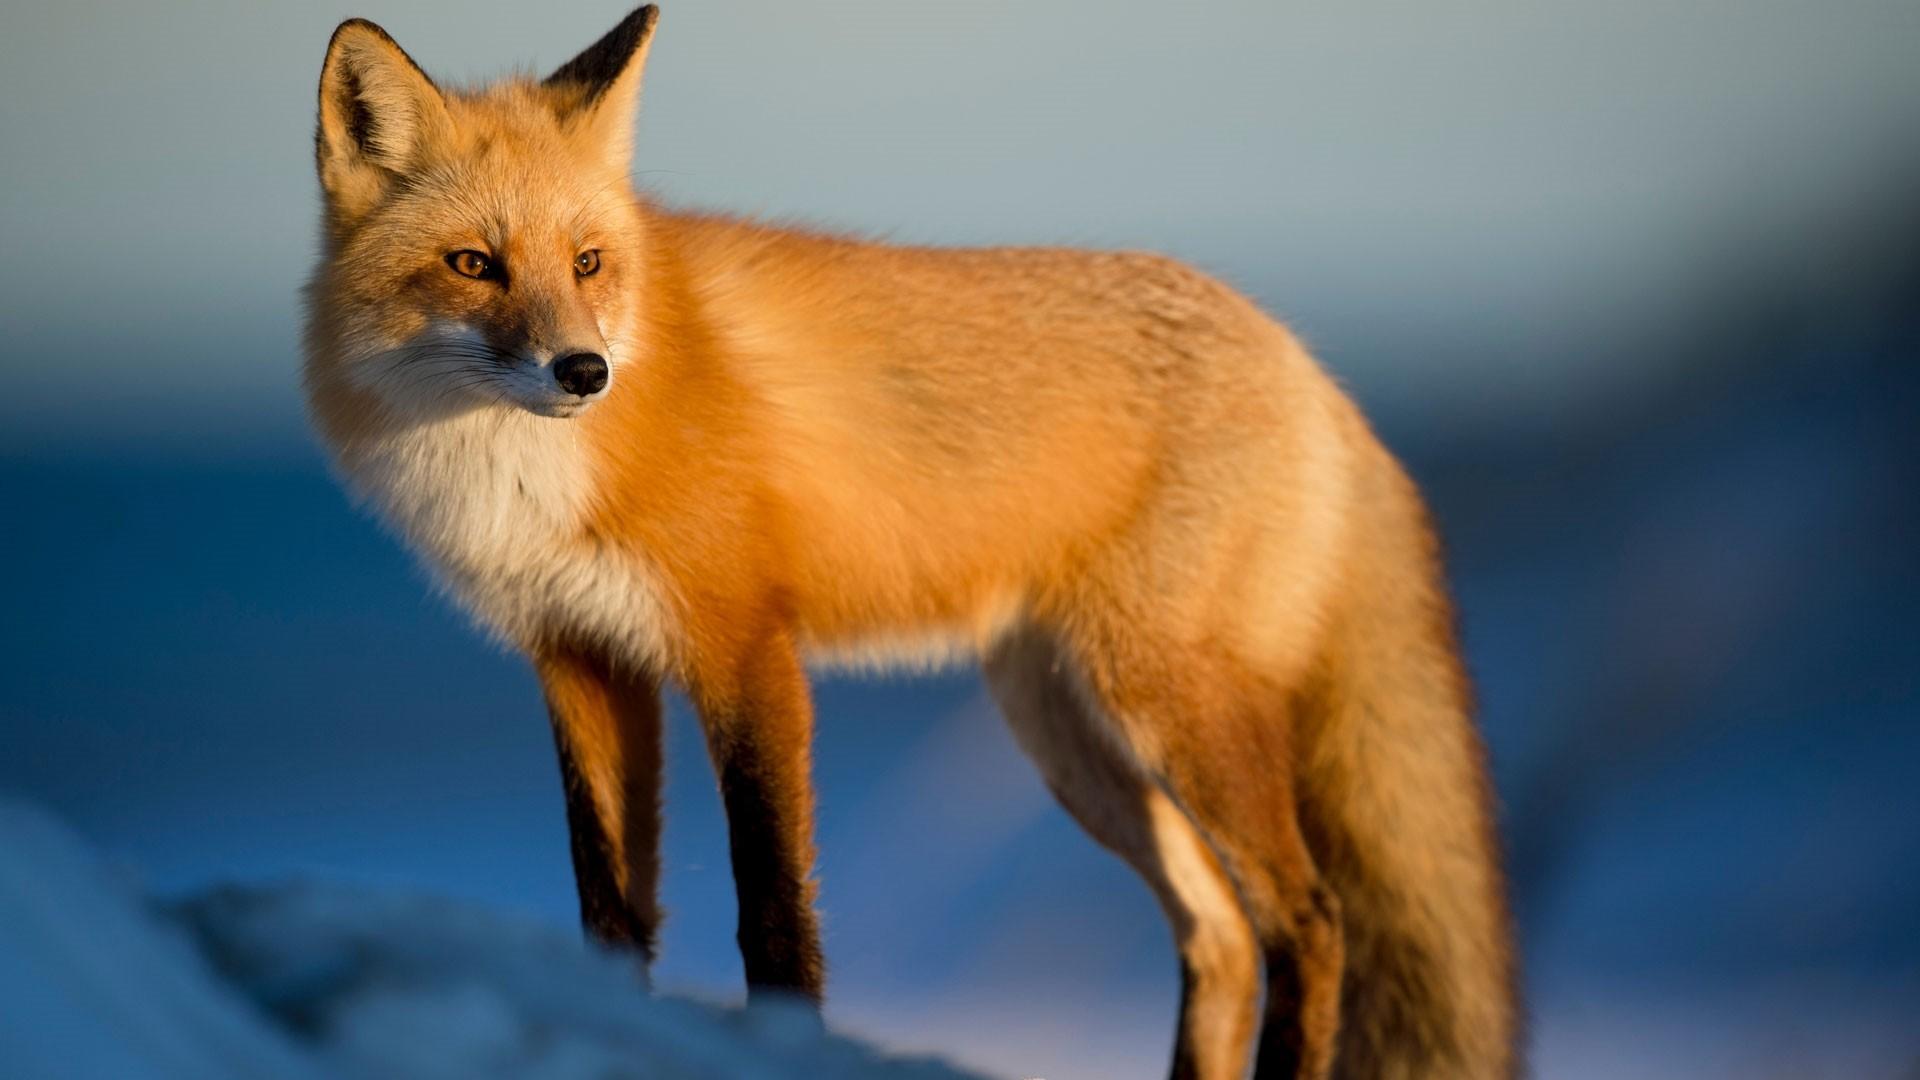 Fox Wallpaper Picture hd